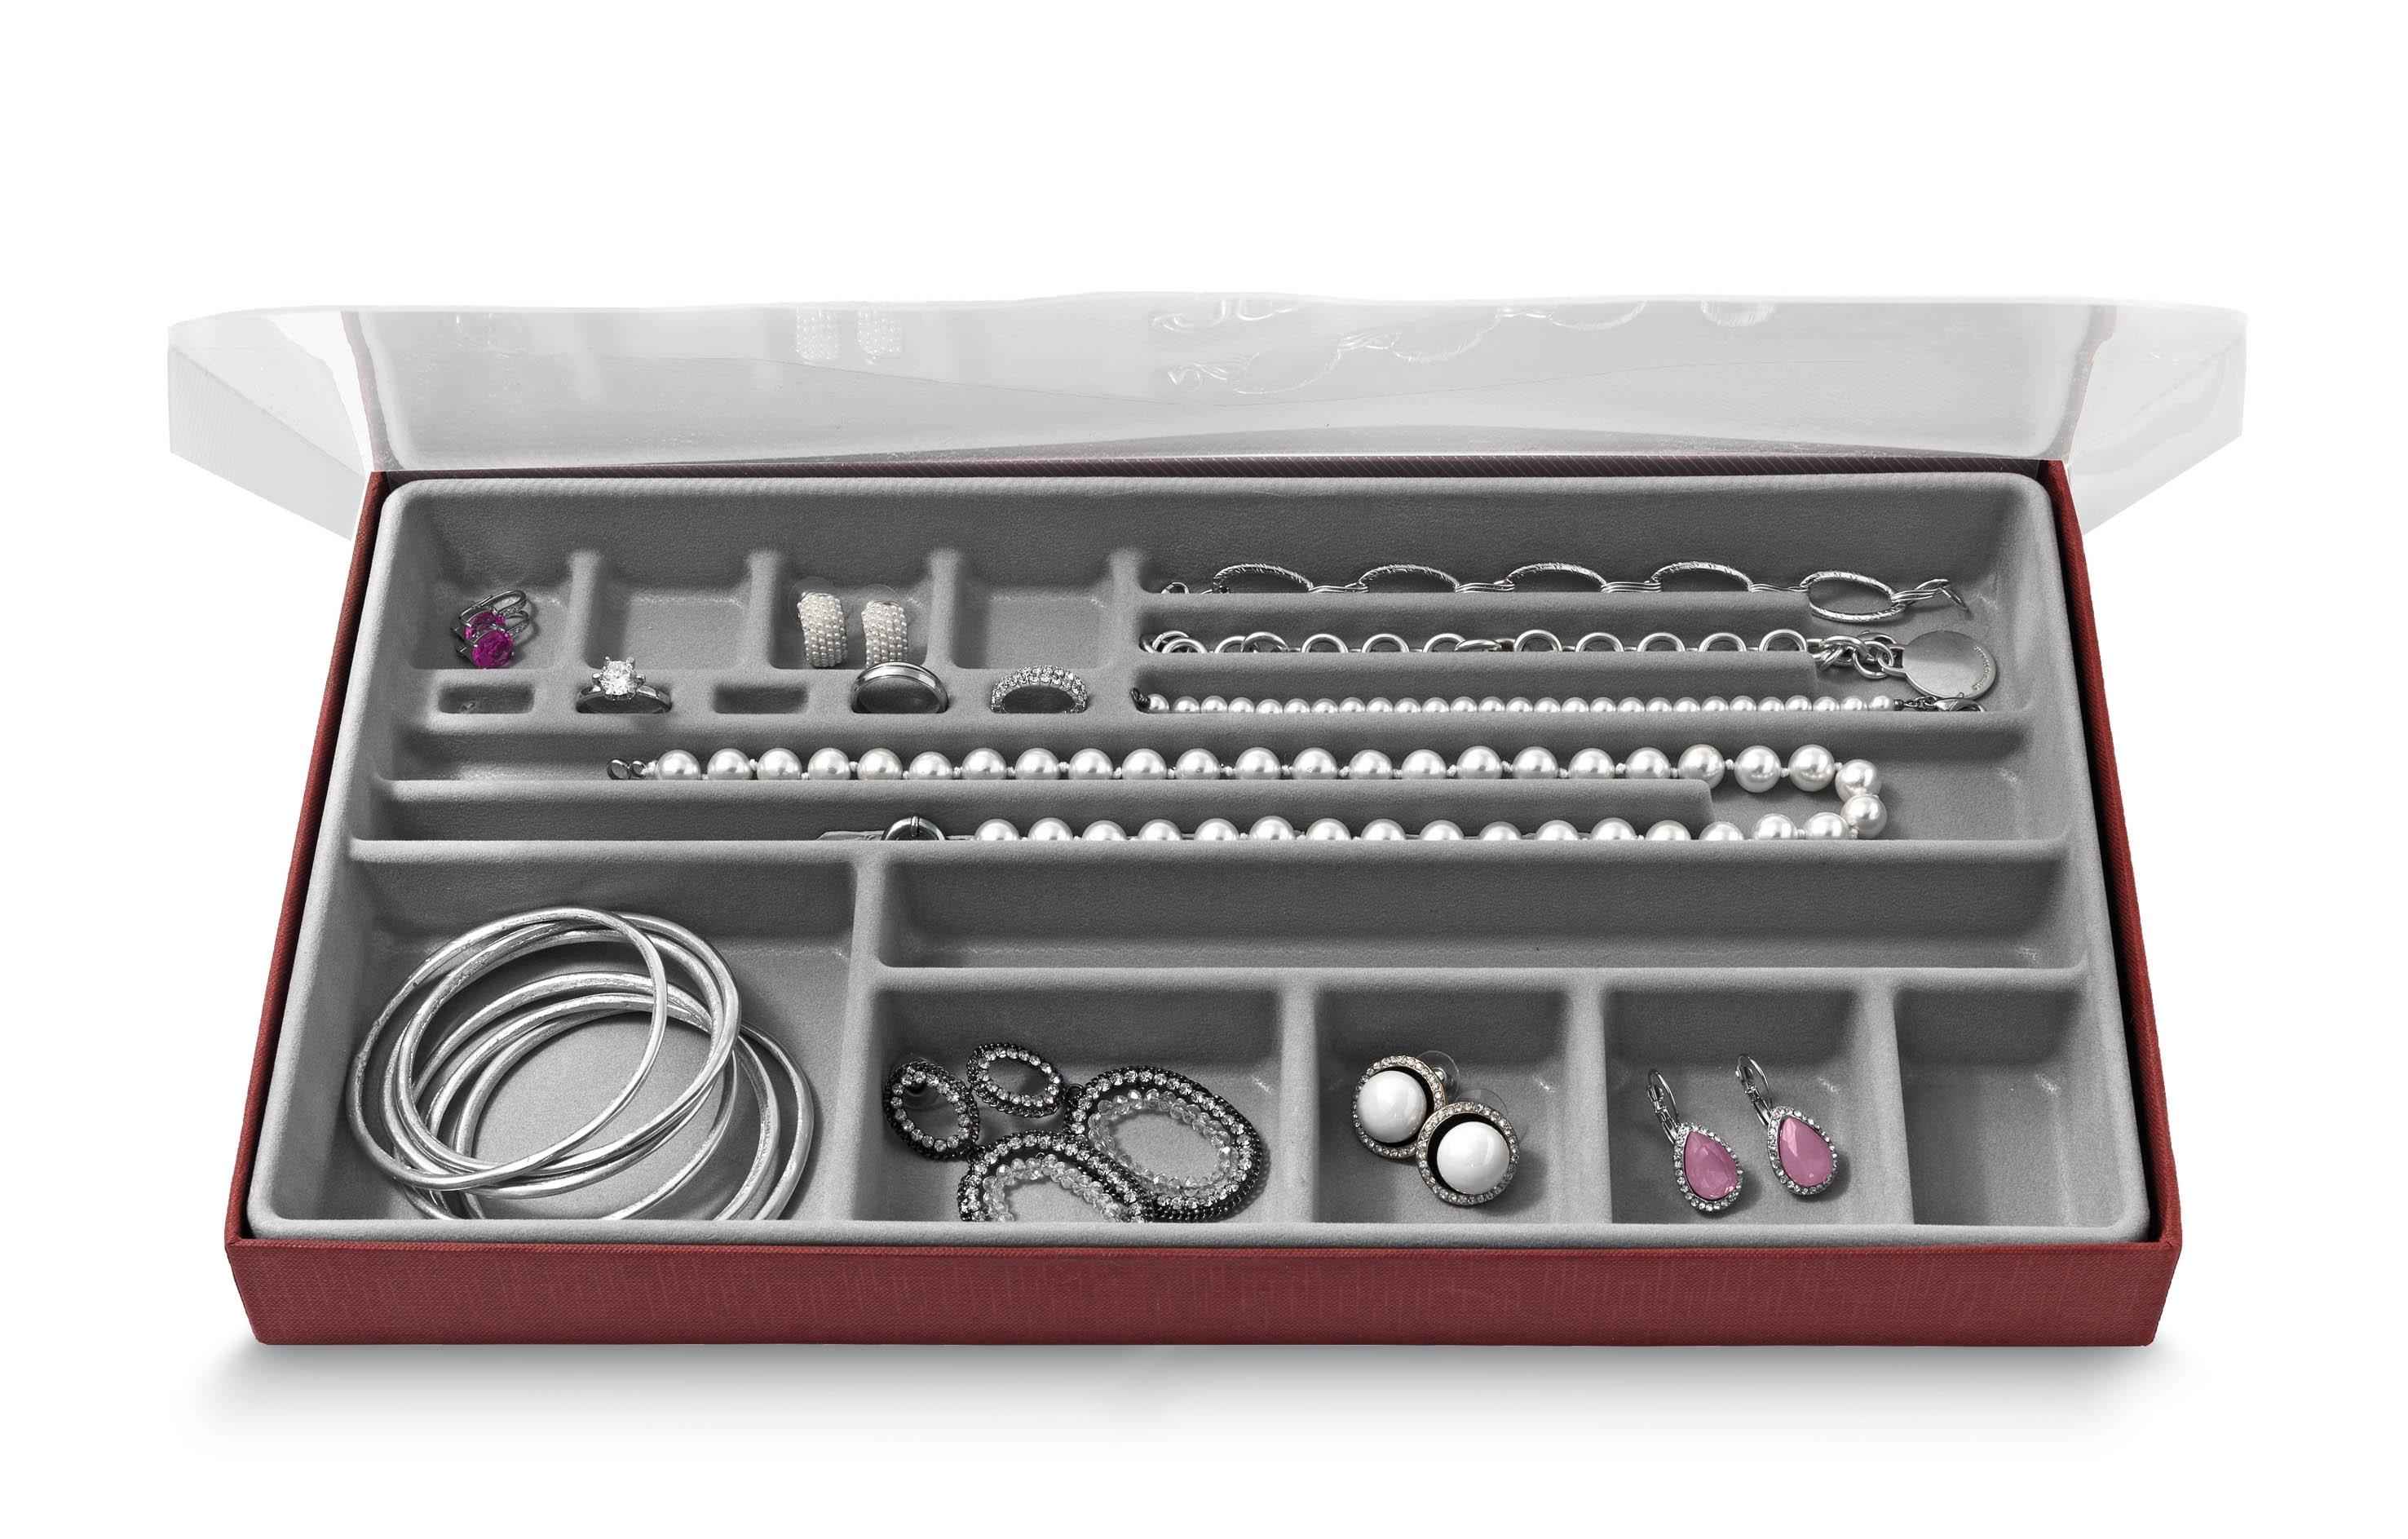 Organizator pentru sertar cu 19 compartimente, Jewel Gri, l37xA21,5xH3,5 cm imagine